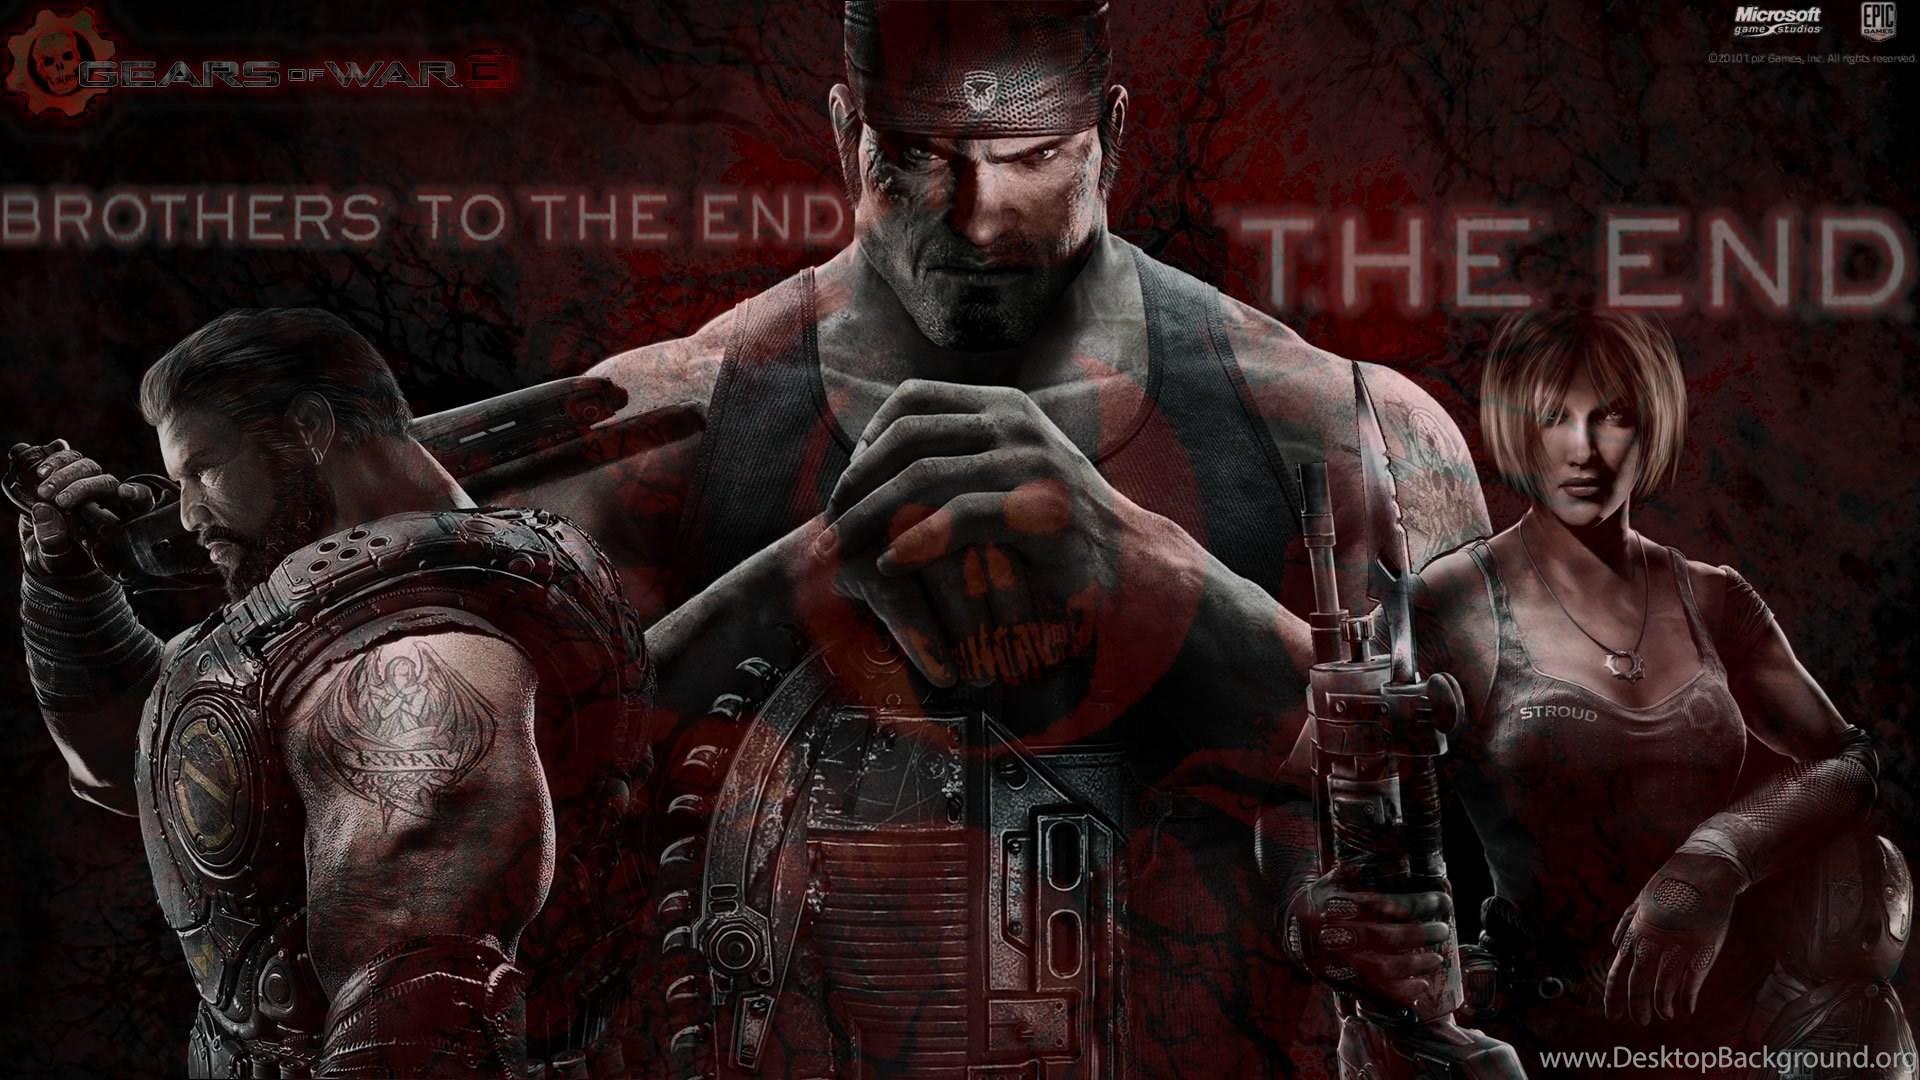 UHG Imagenes De Gears Of War Gears Of War Full HD Pictures and